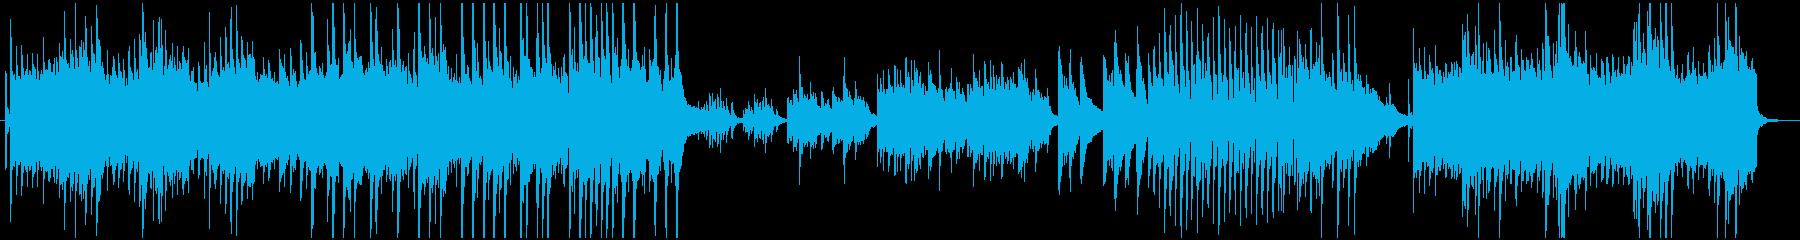 カッコいいピアノメインな曲です!の再生済みの波形